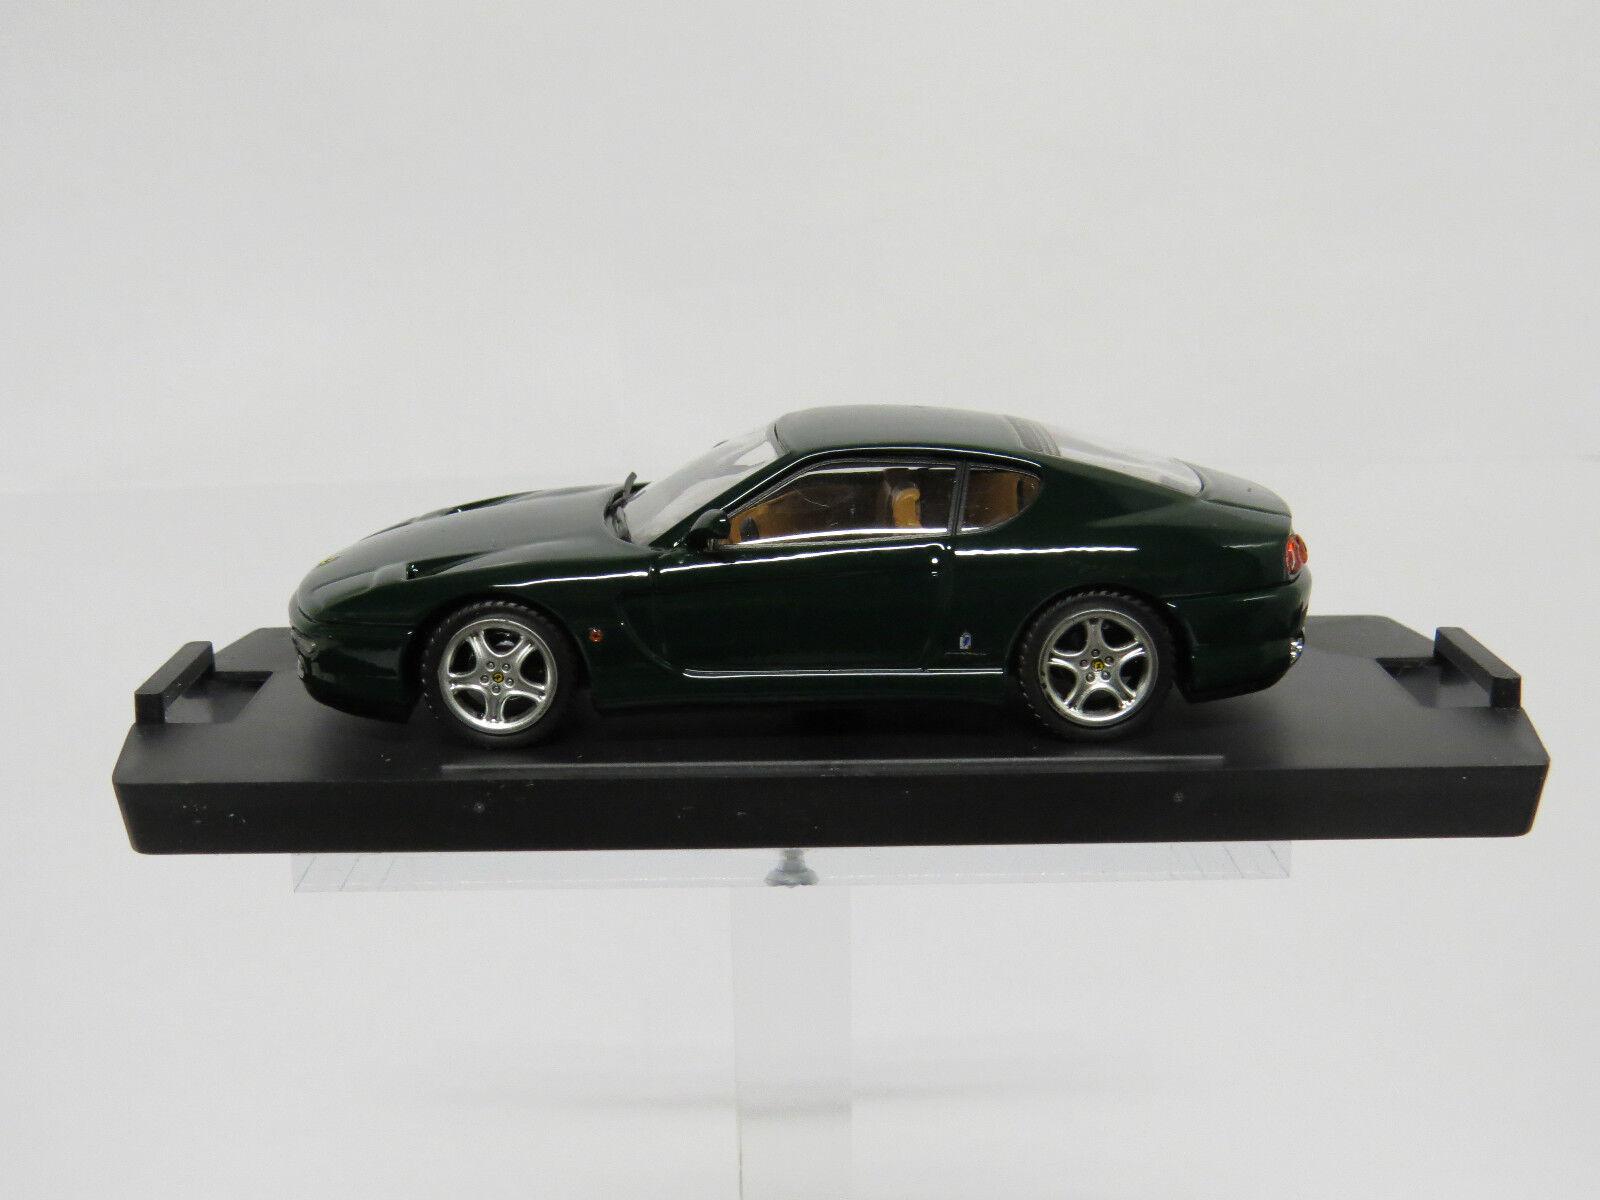 La Mini Miniera Ferrari 456 GT  Prins Bernhard  1/43 PR510